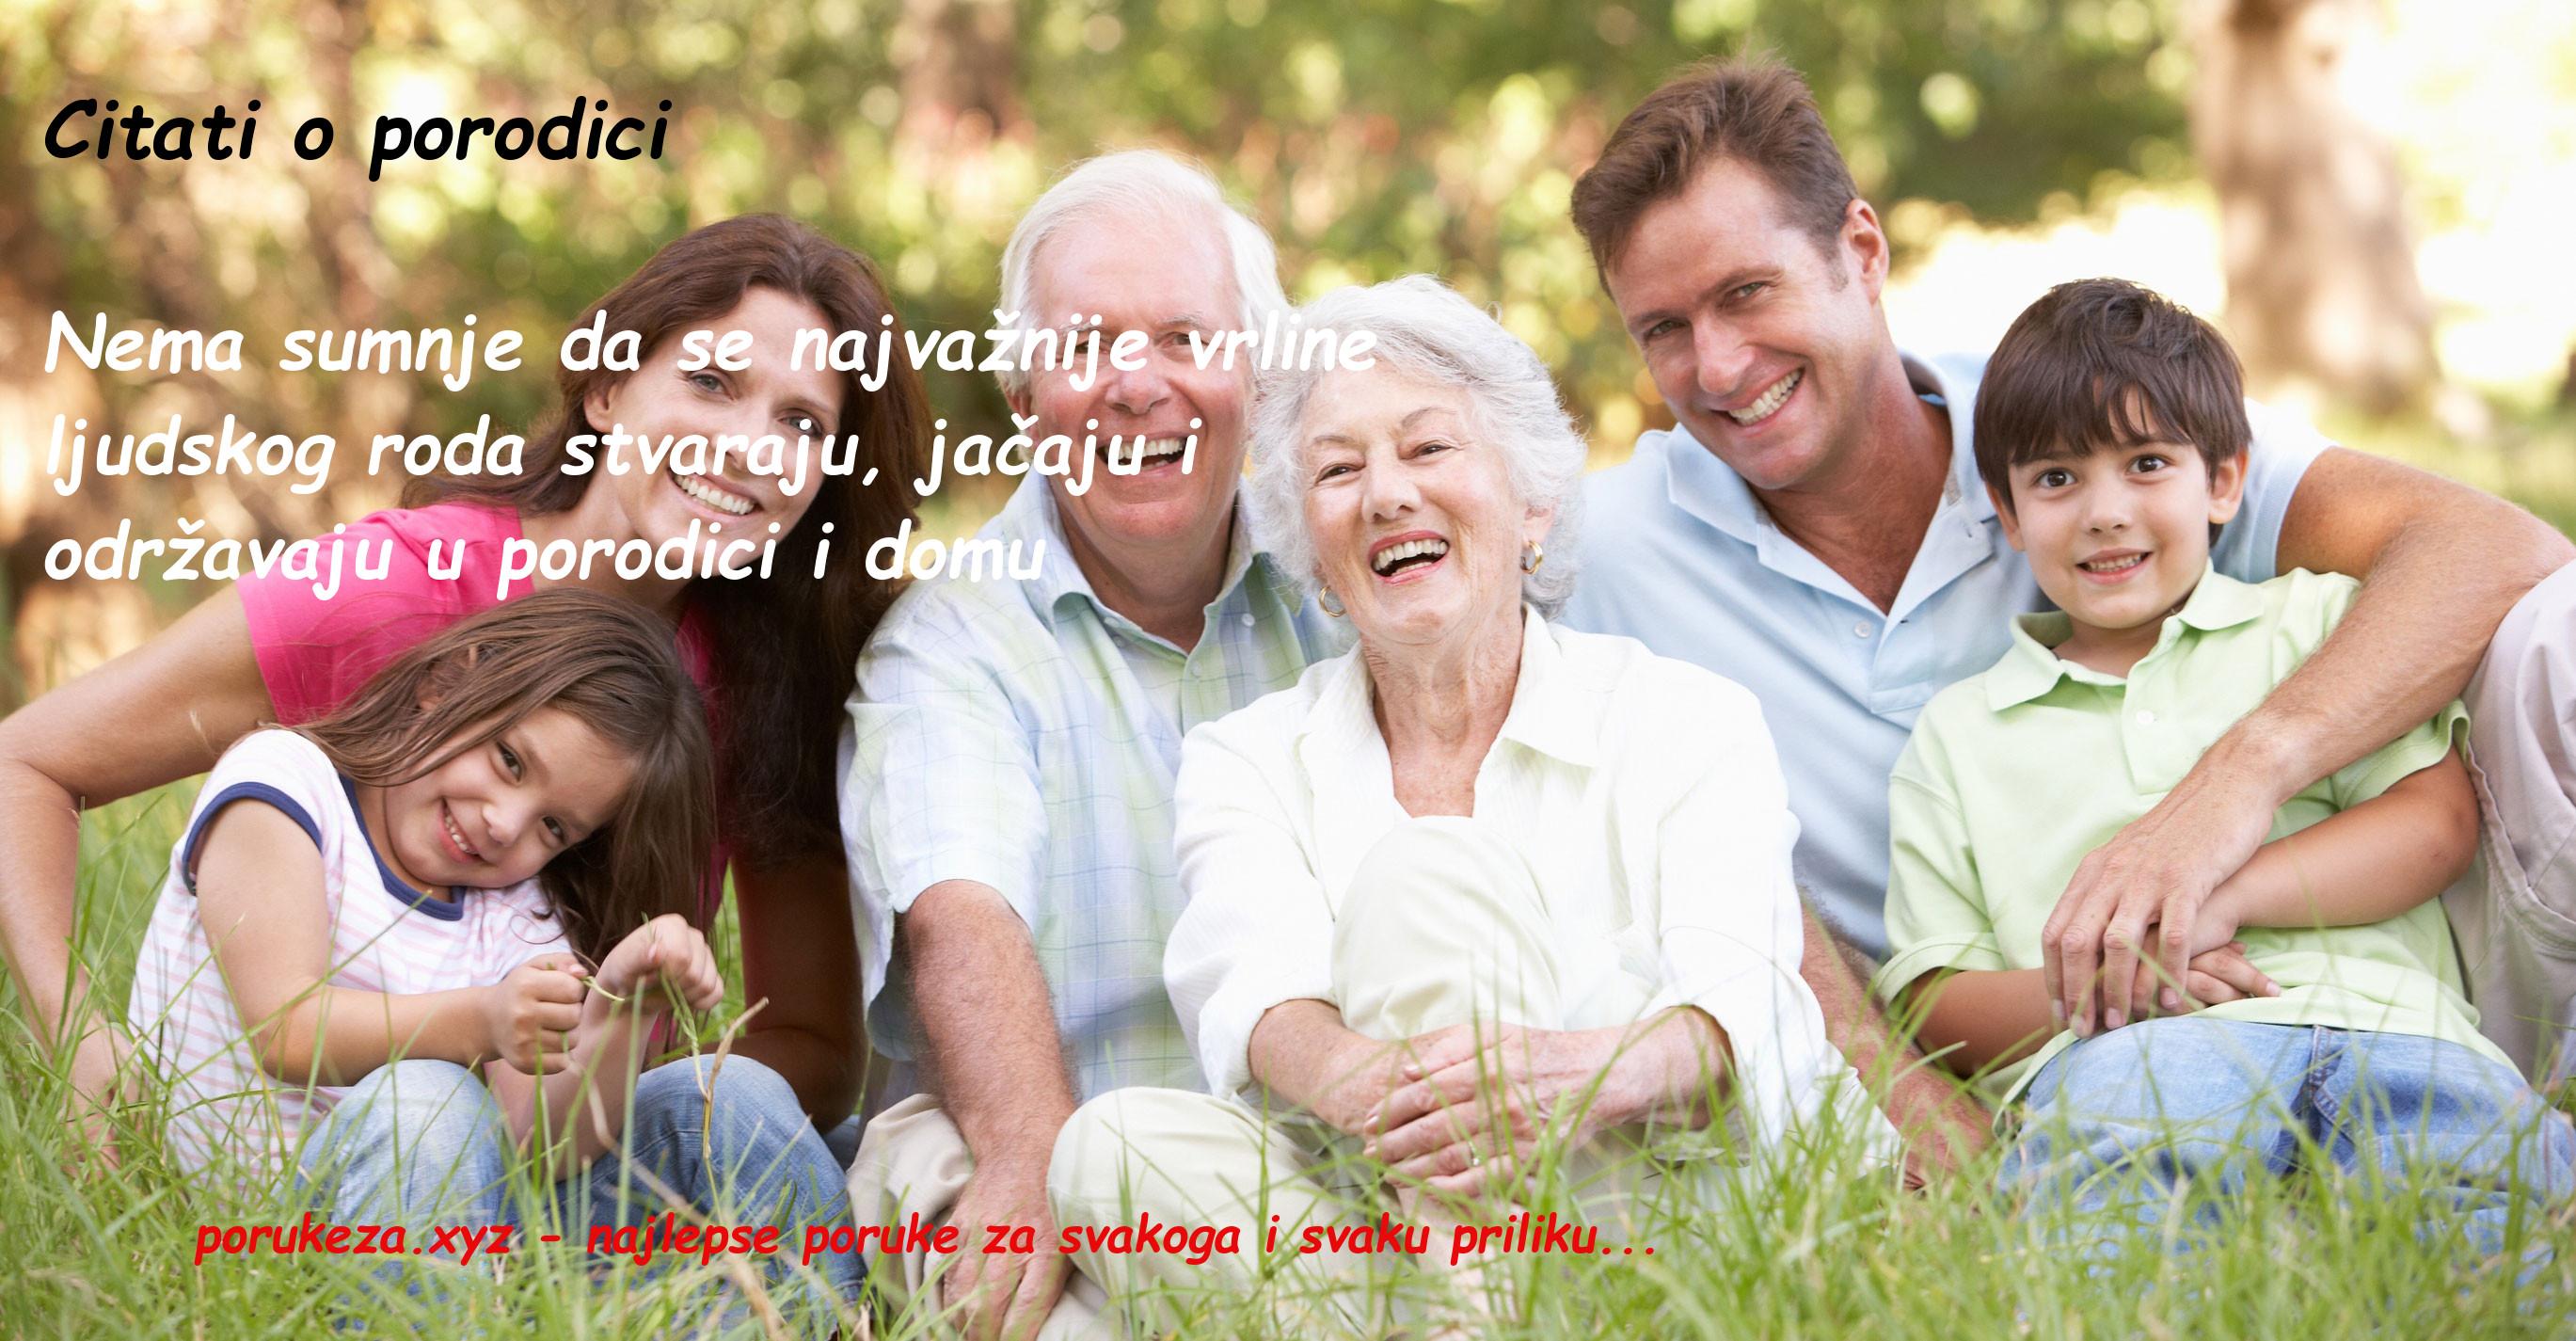 citati o porodici poruke za porodicu